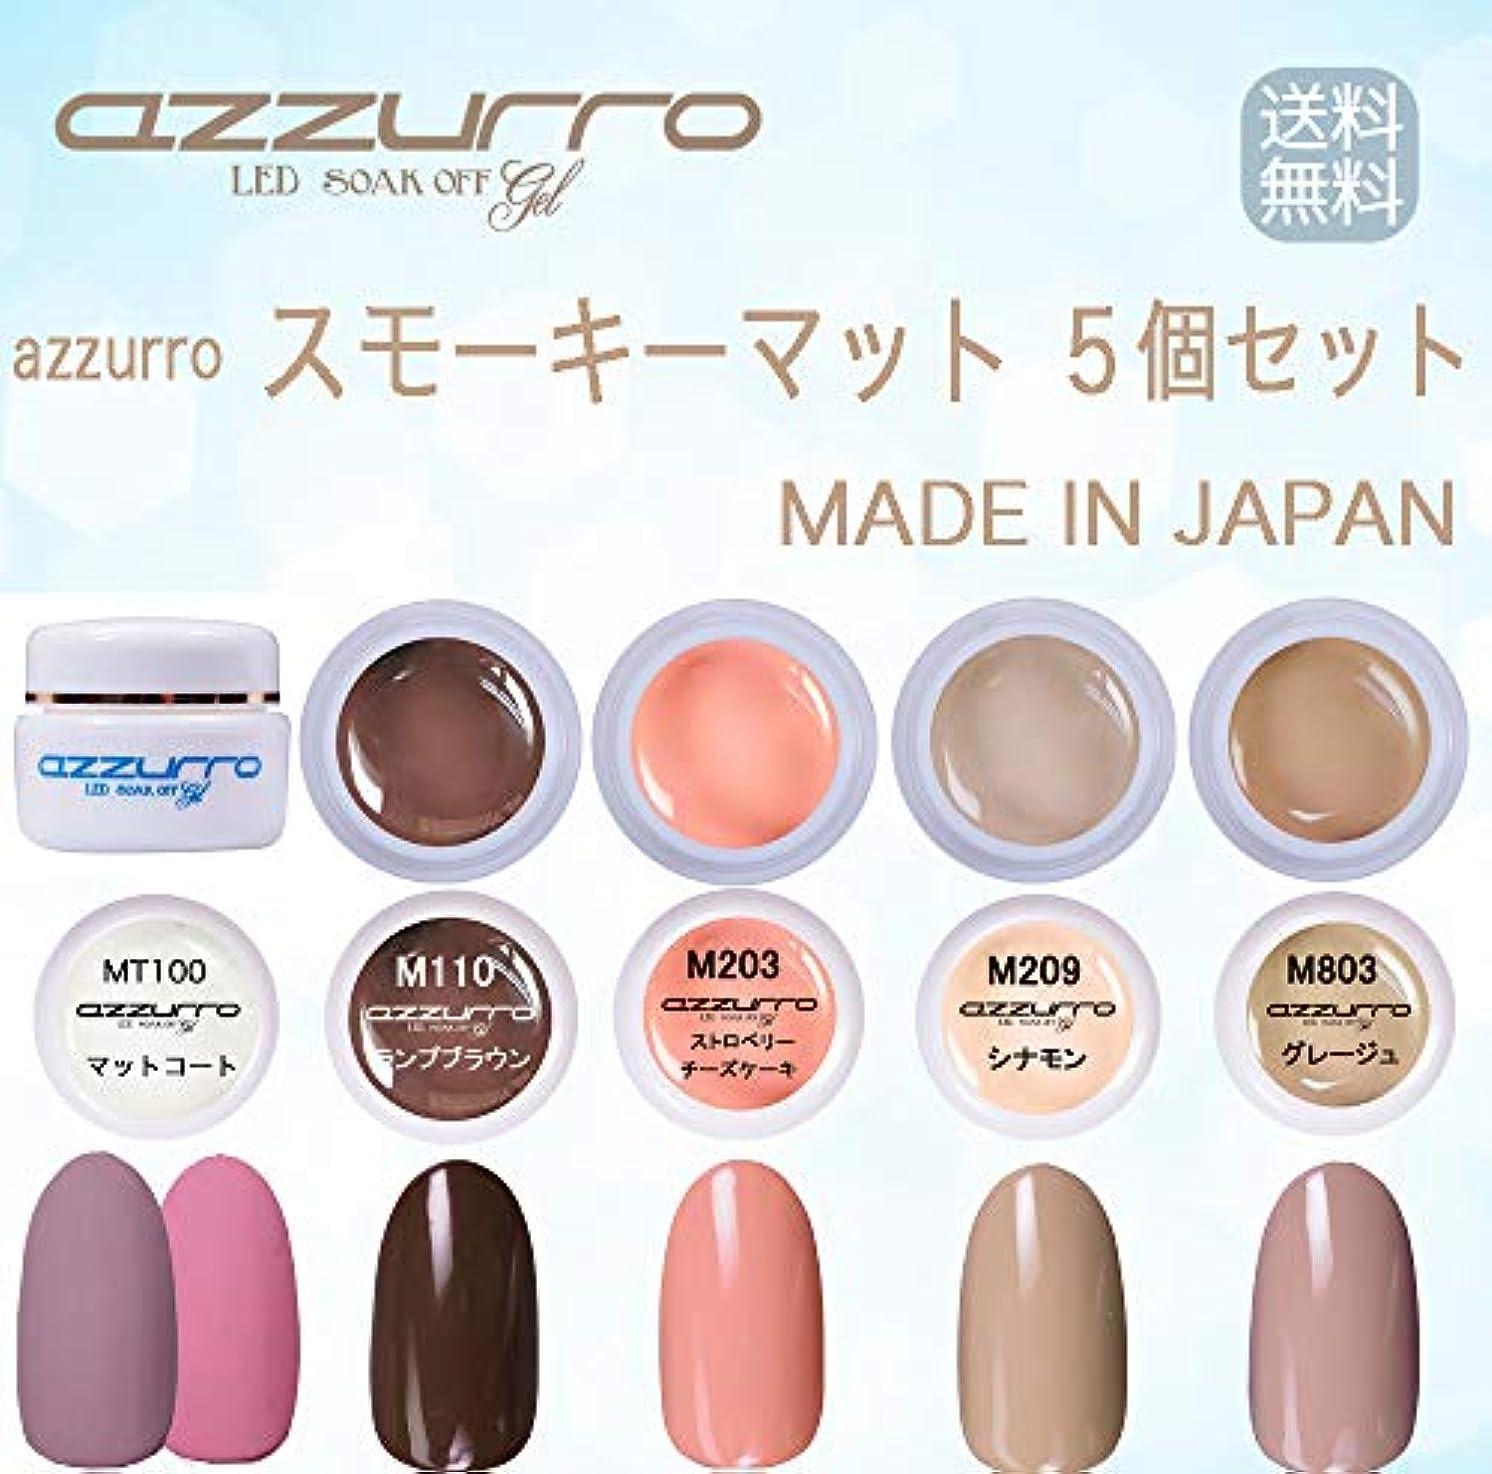 上へ必須和らげる【送料無料】日本製 azzurro gel スモーキーマットカラージェル5個セット トレンドネイルのマストアイテムのマットトップ